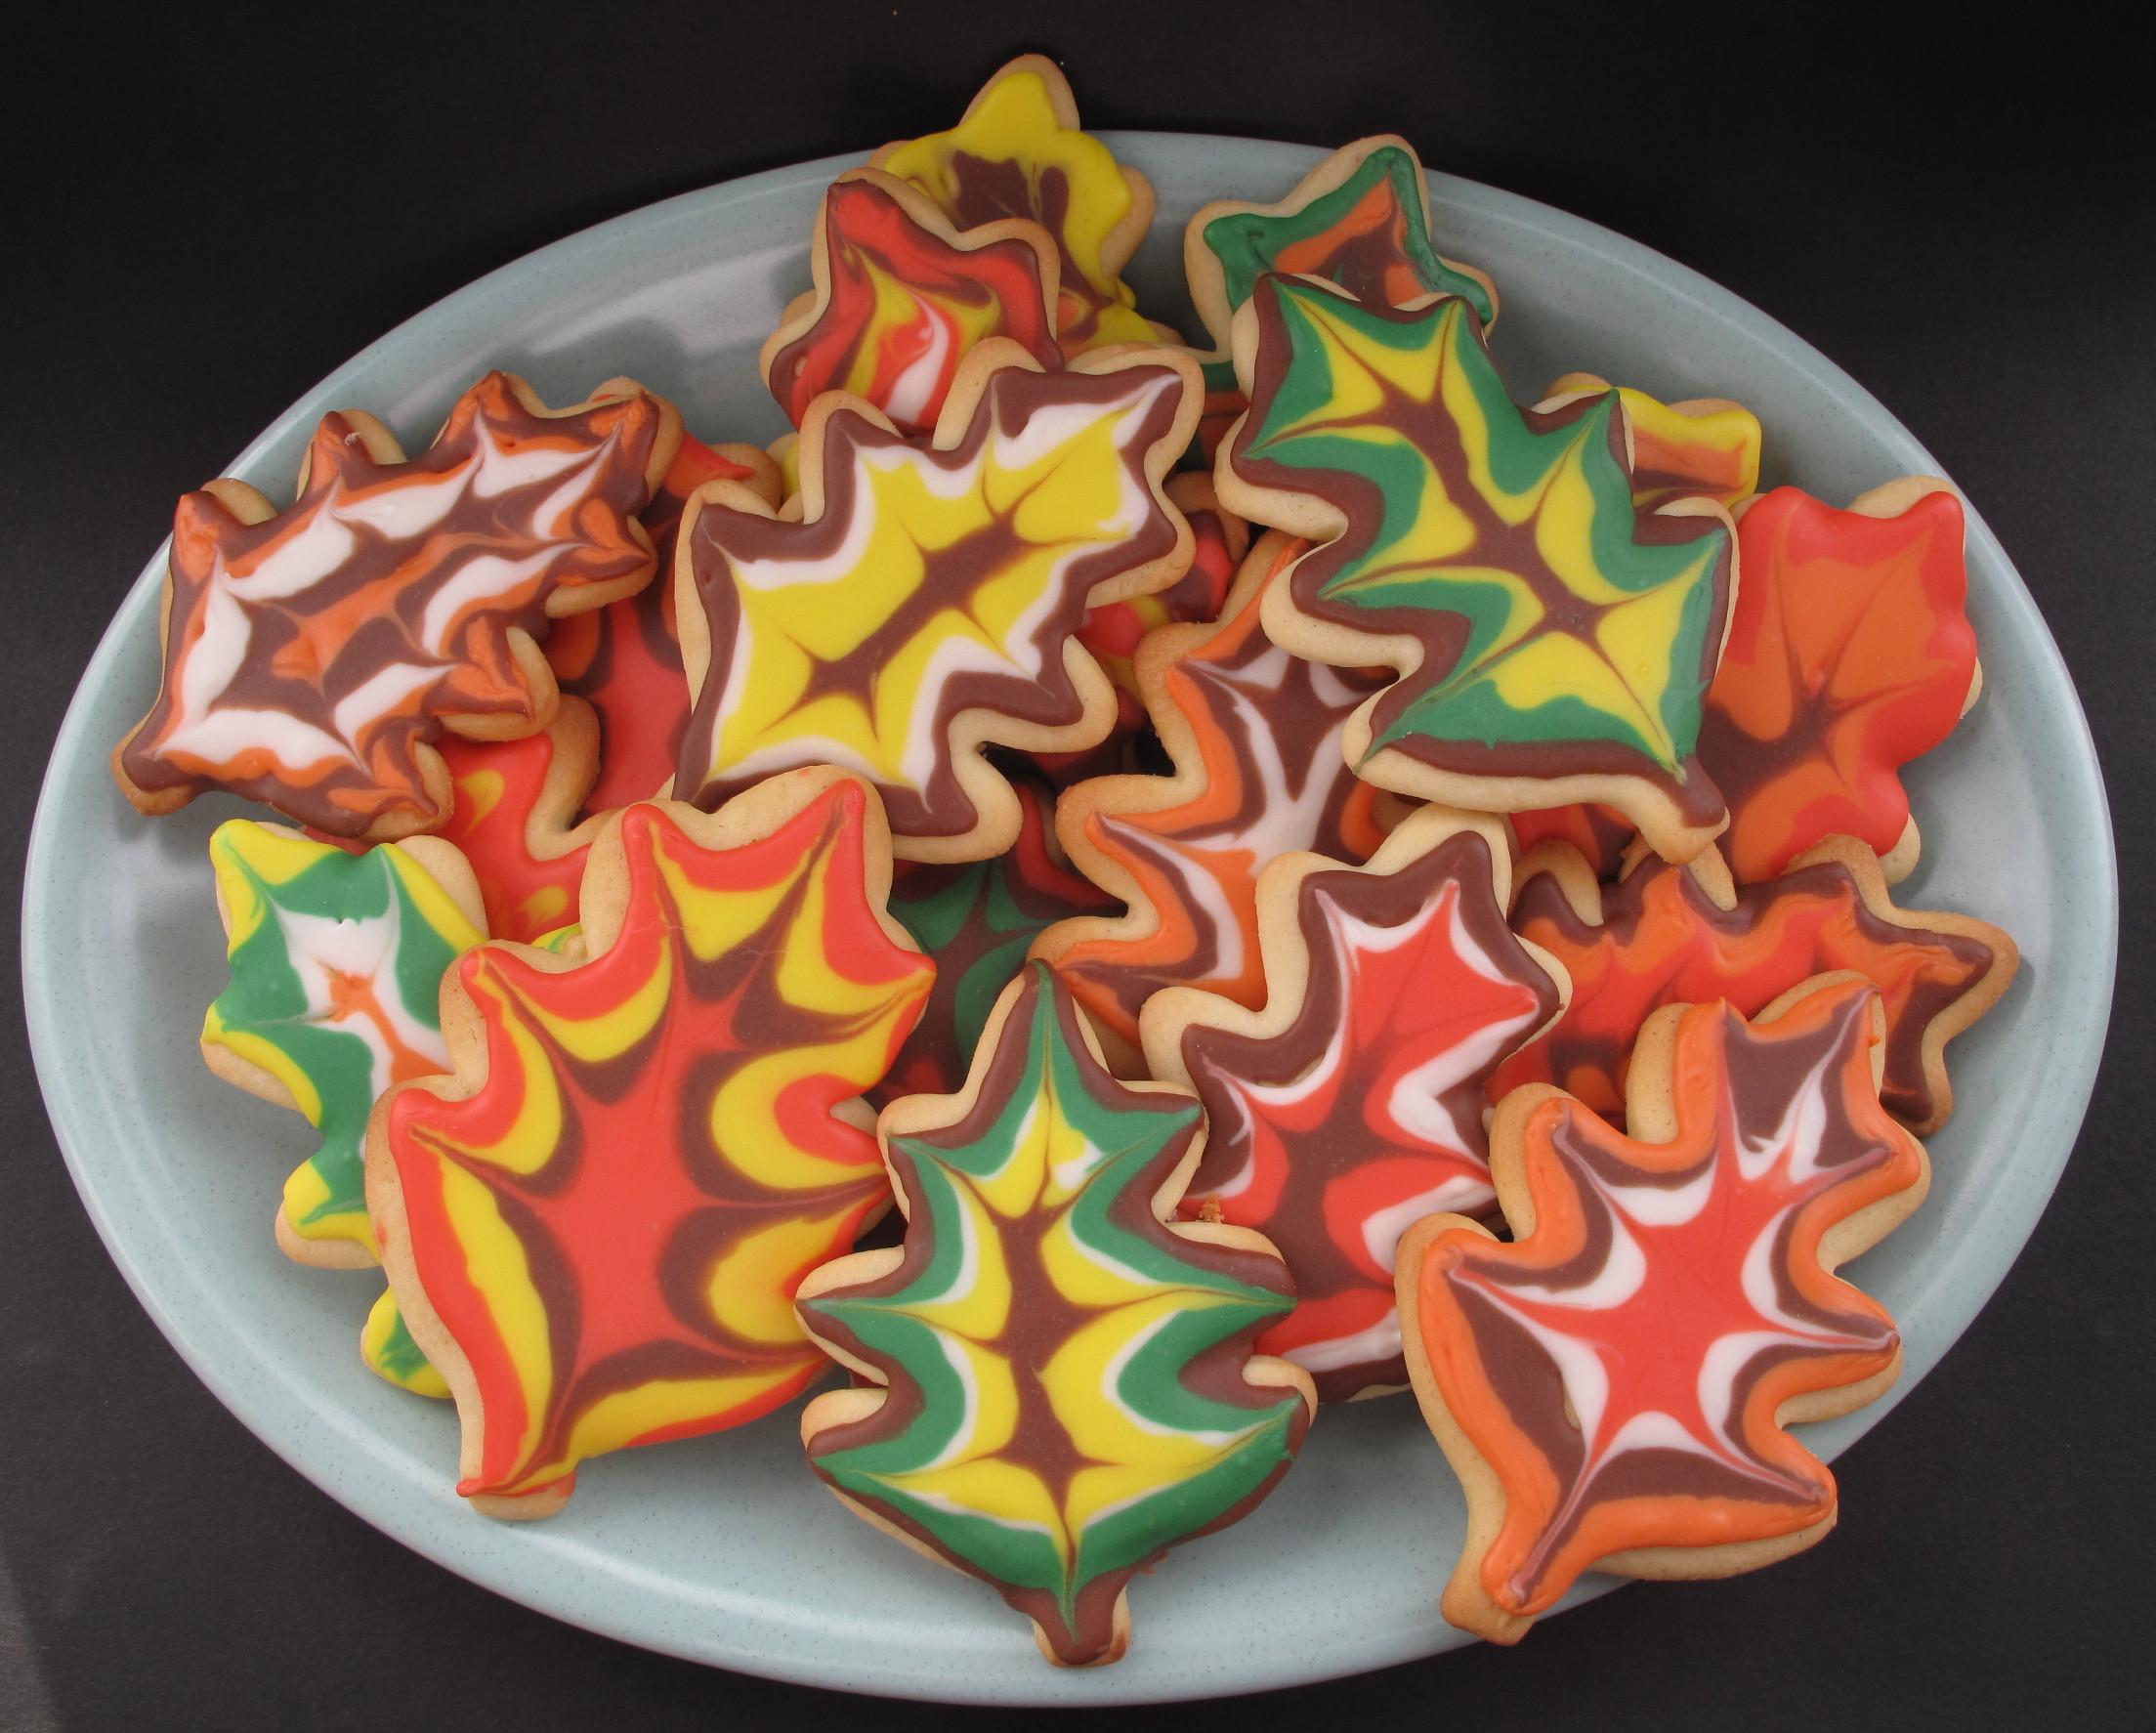 Taste Of Home Decorated Sugar Cookies